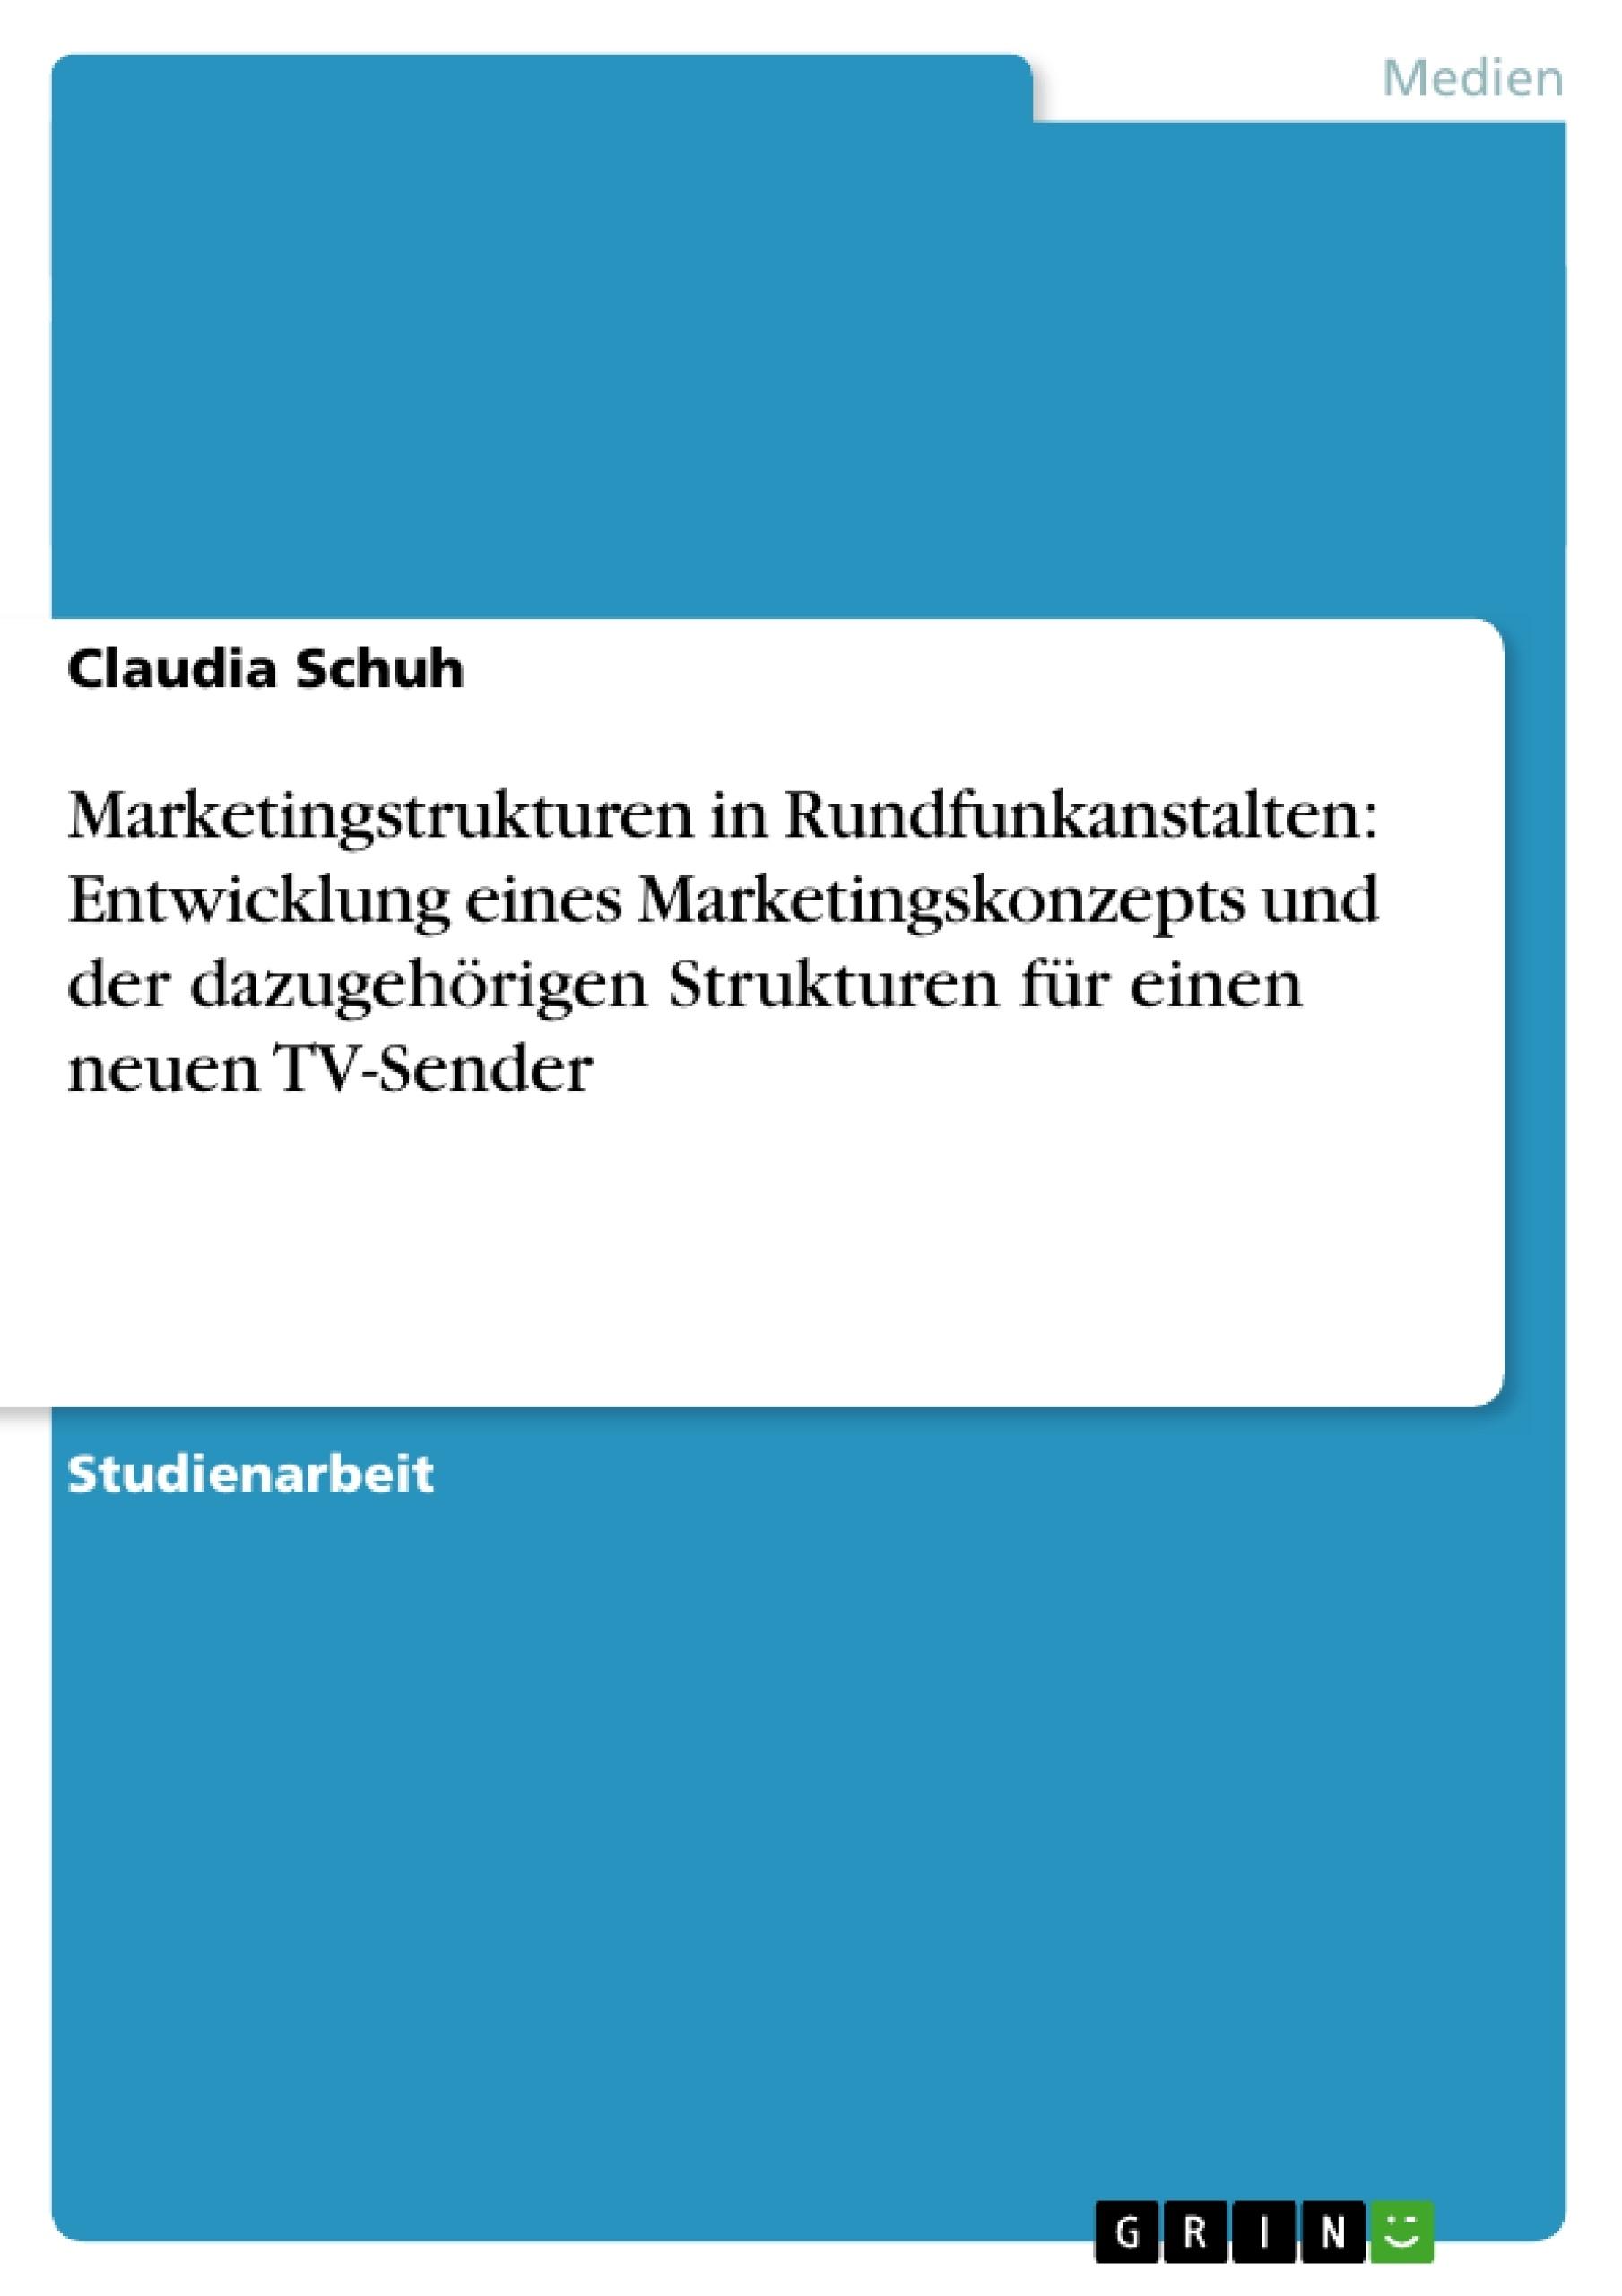 Titel: Marketingstrukturen in Rundfunkanstalten: Entwicklung eines Marketingskonzepts und der dazugehörigen Strukturen für einen neuen TV-Sender